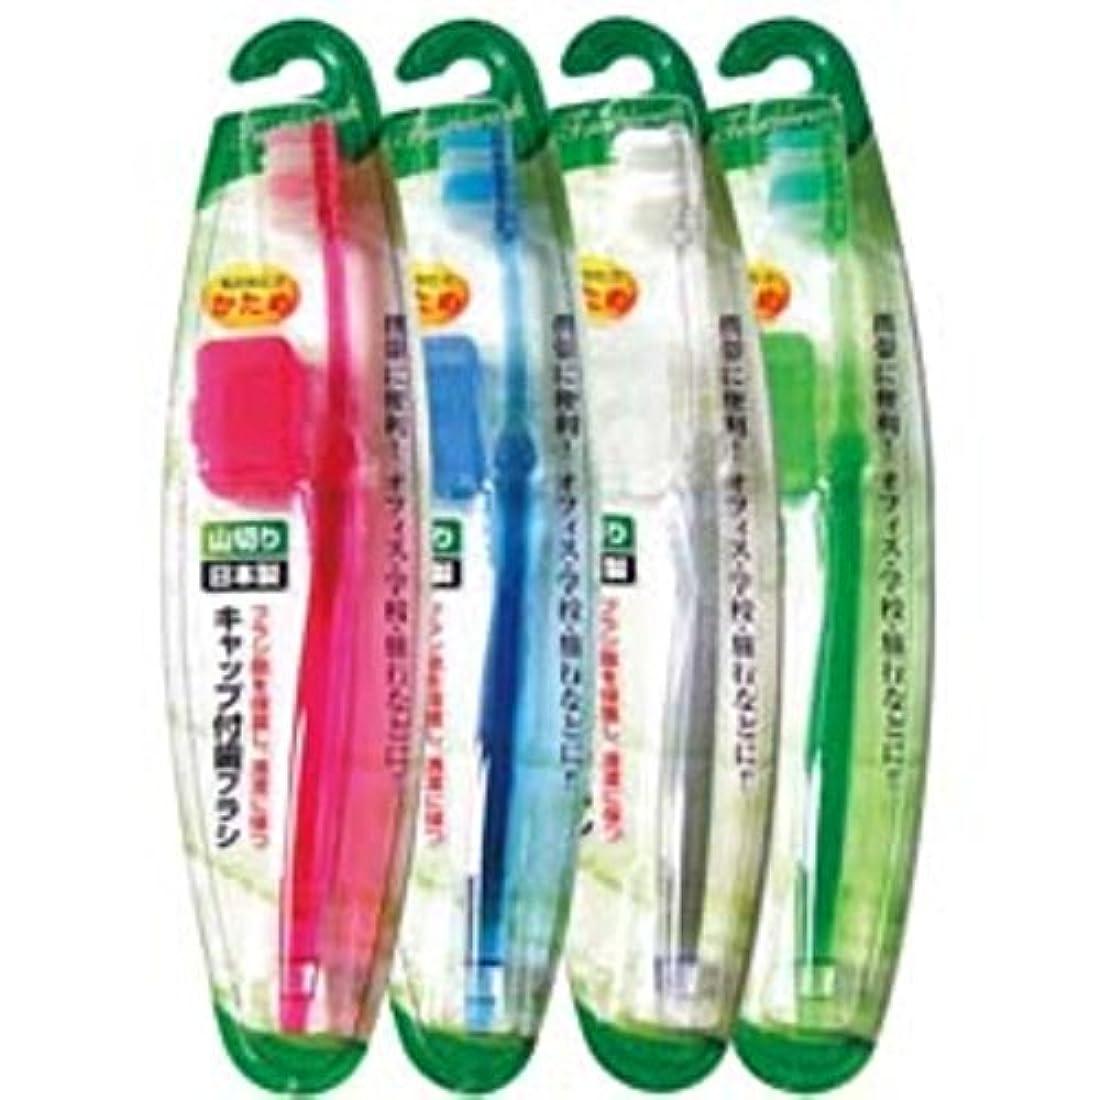 狐熟読ペフキャップ付歯ブラシ山切りカット(かため)日本製 japan 【まとめ買い12個セット】 41-210